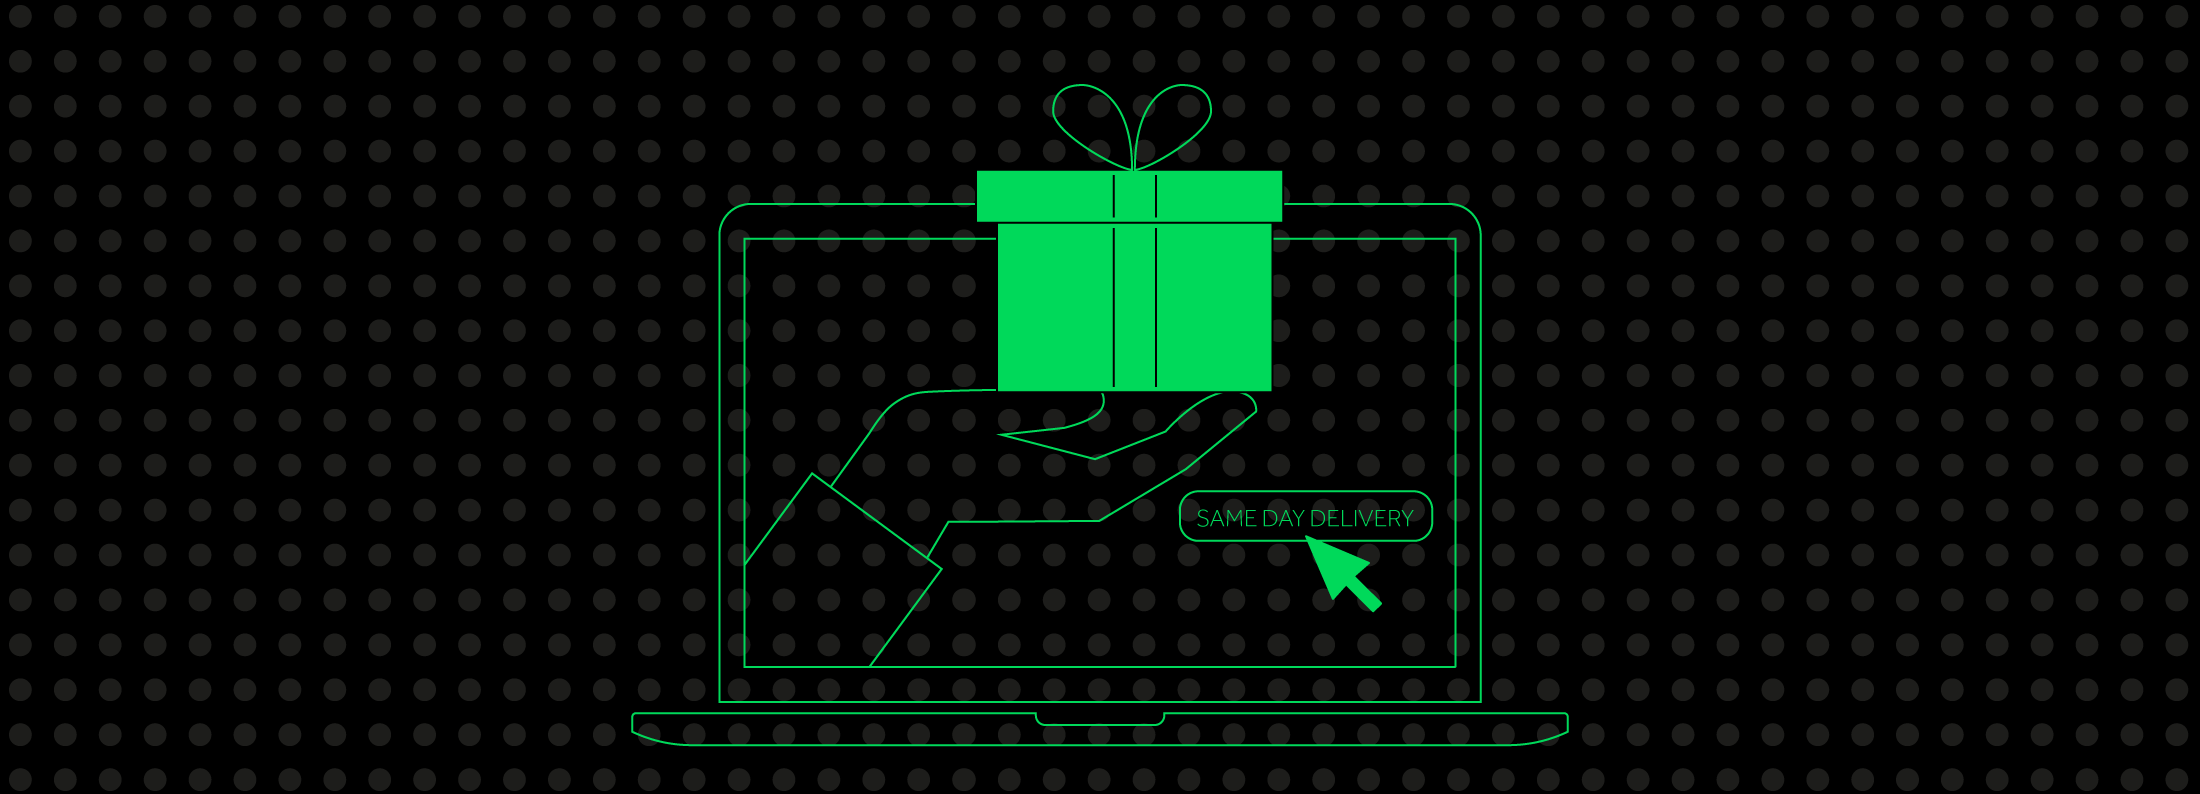 Image:  SAP and digital transformation at Christmas